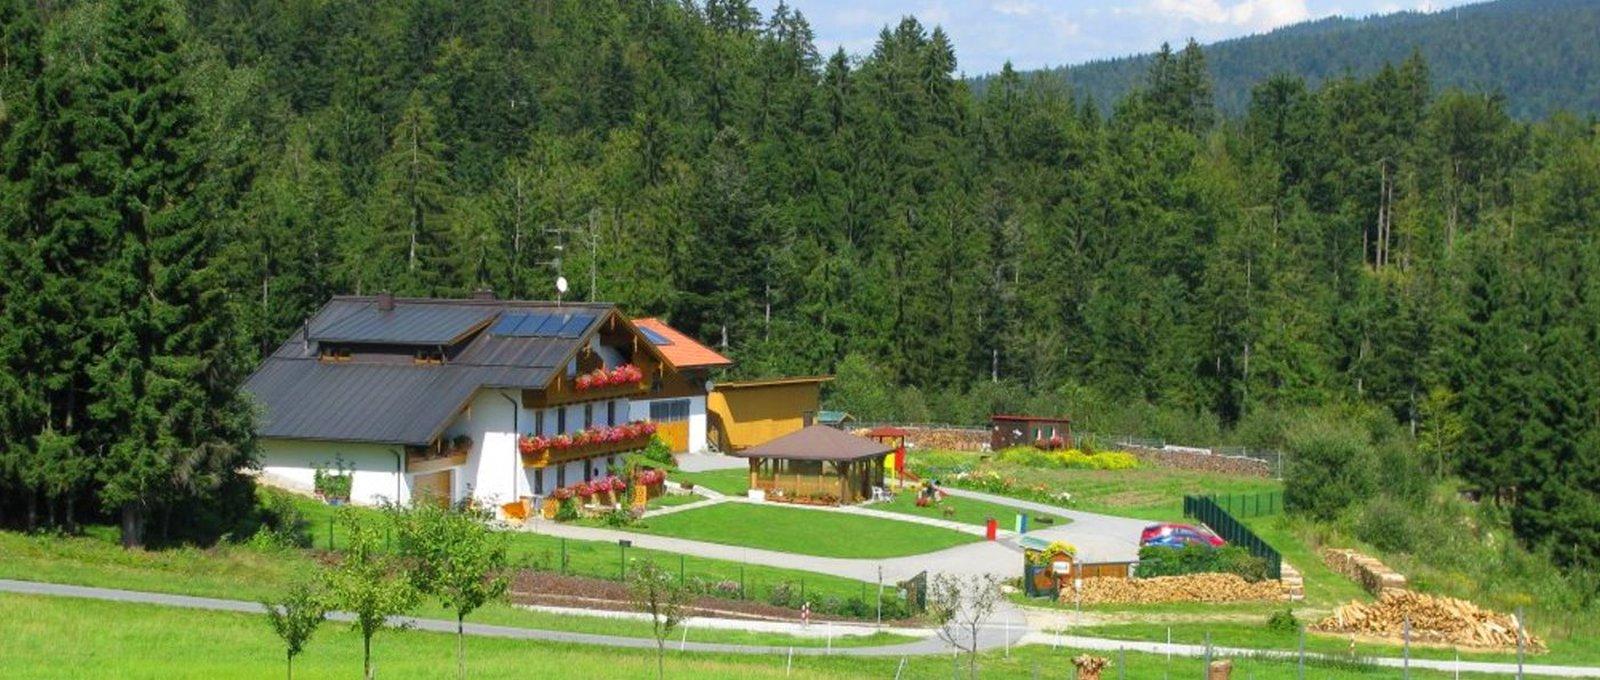 Dreiländereck Bayerischer Wald Karte.Ferienwohnungen Haus Spannbauer In Altreichenau Adresse Familie